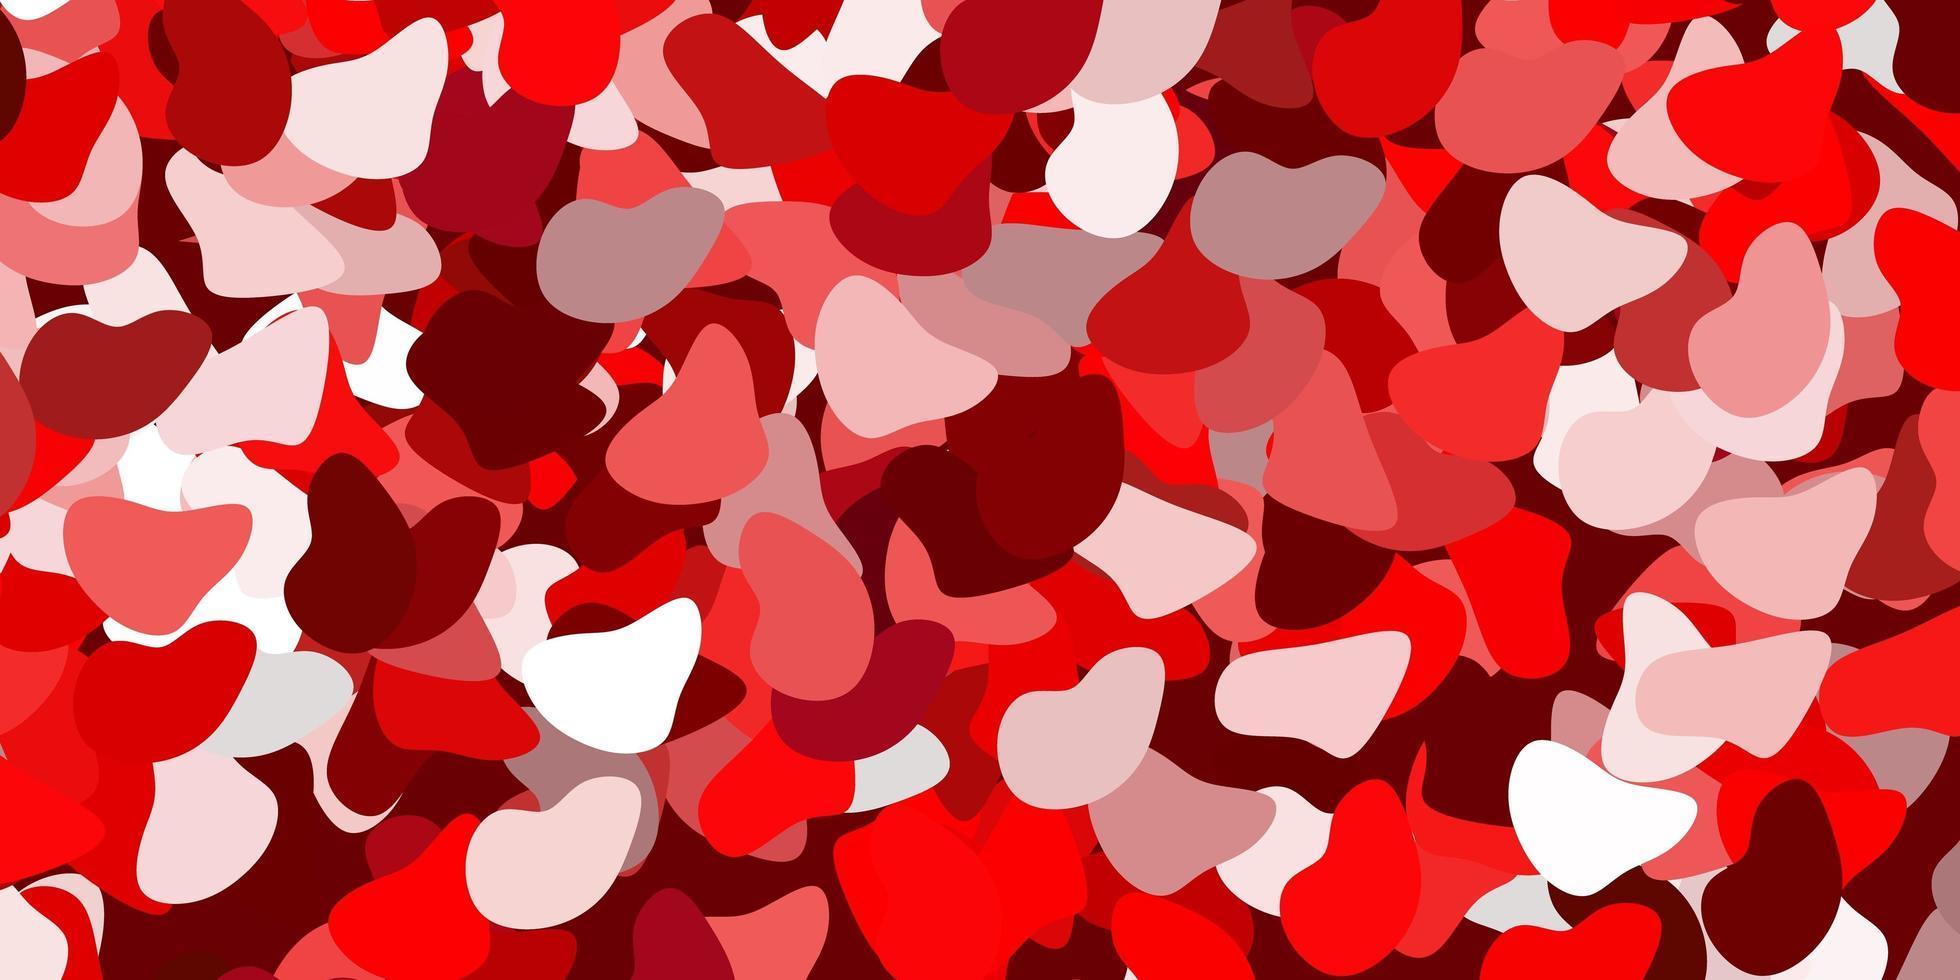 rode achtergrond met chaotische vormen. vector